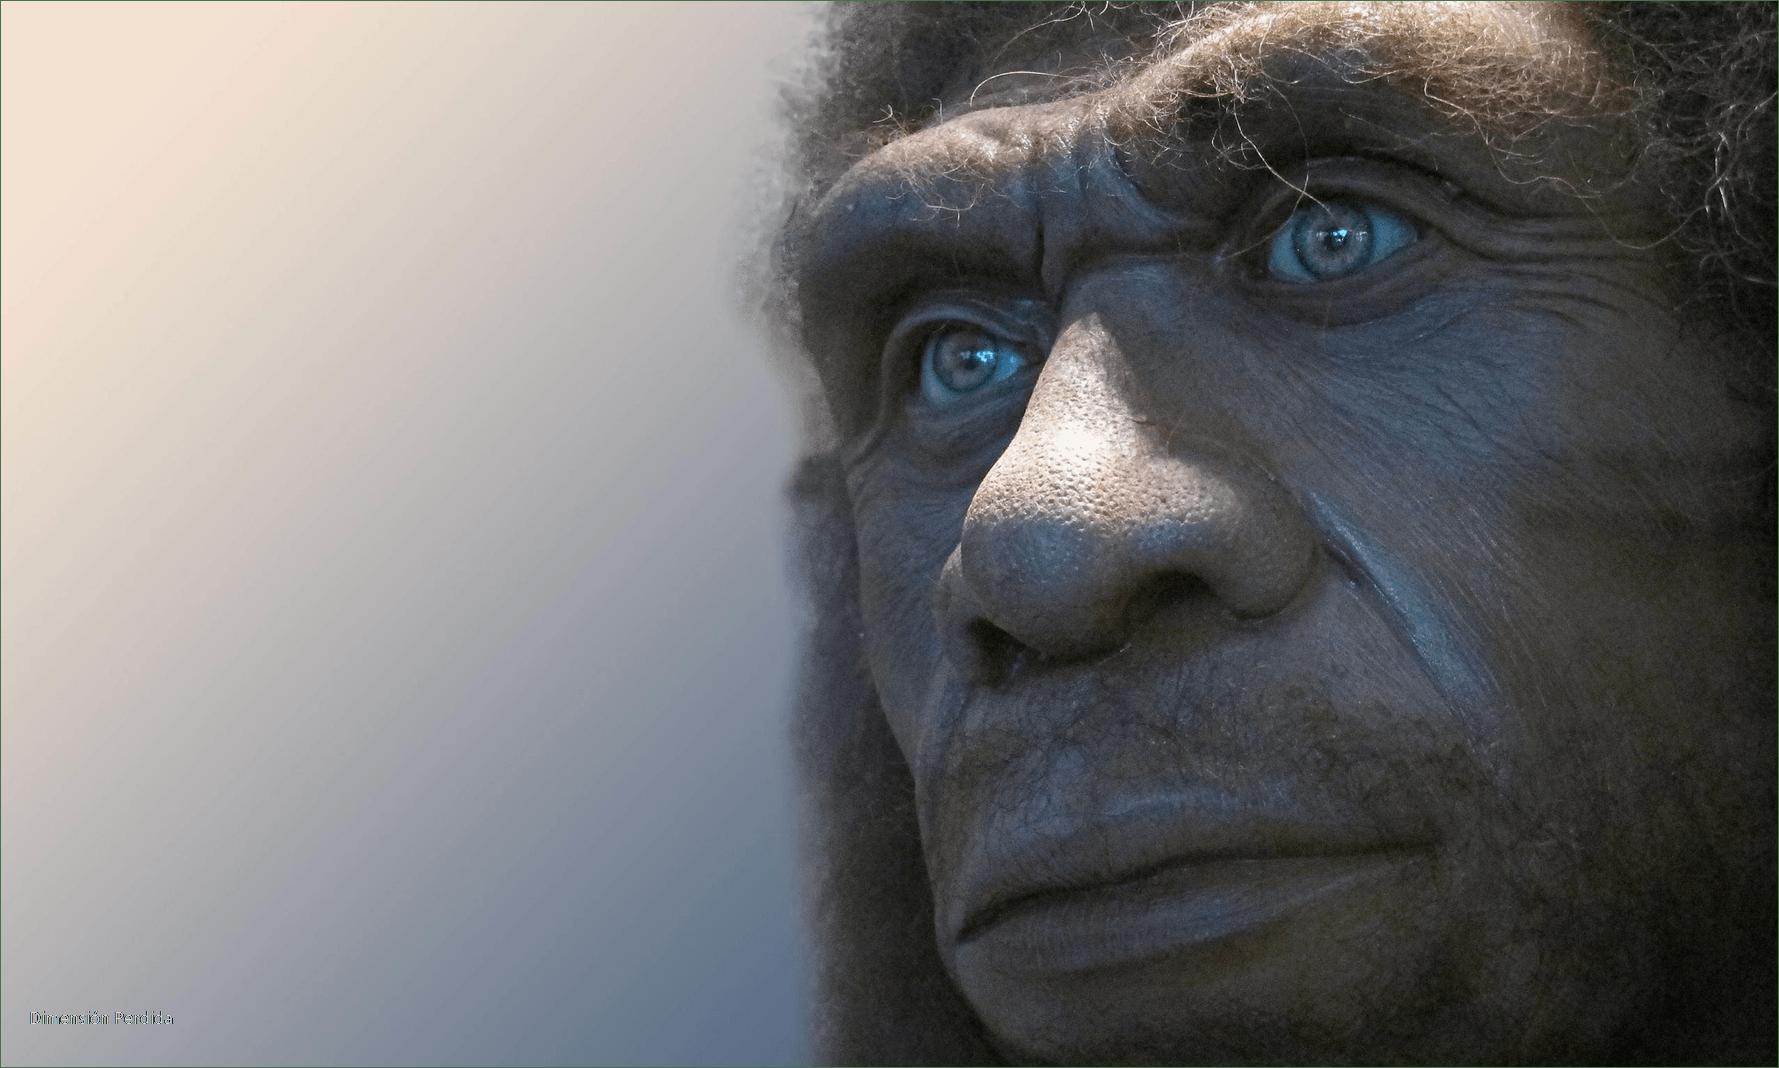 Paleontologia-arqueologia-ciencia-curiosidades-historia-neandertales-homo-neanderthalensis-hominidos-divulgacion-blog-Neander